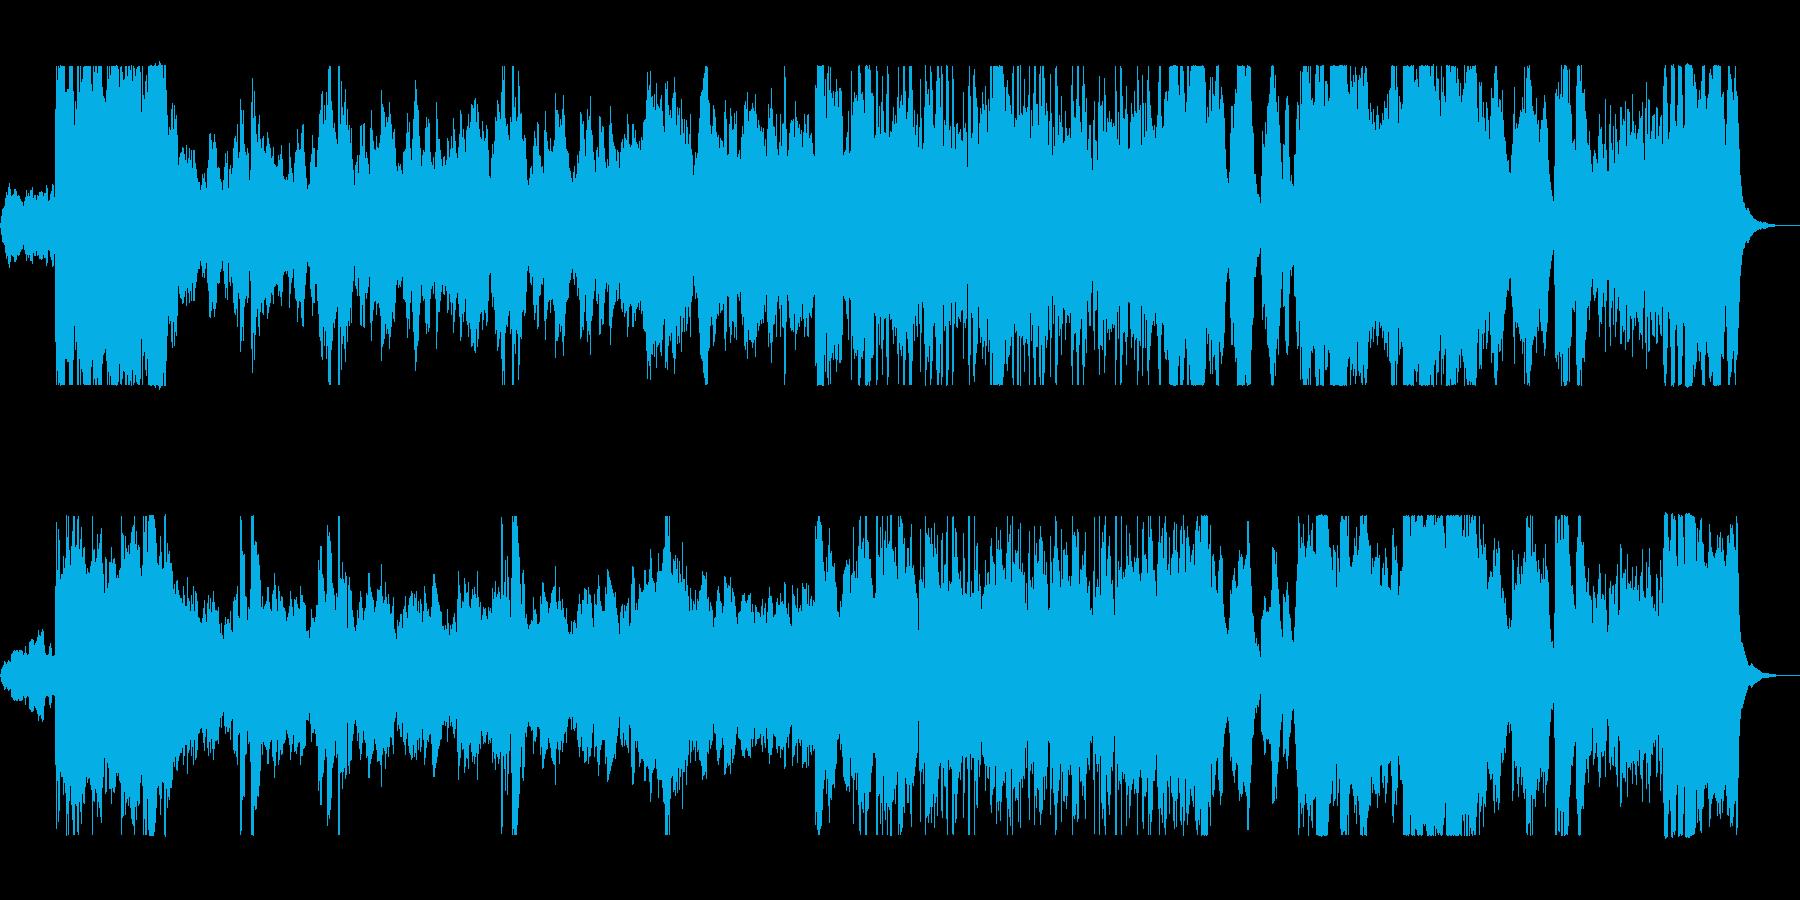 壮大なオーケストラ曲の再生済みの波形